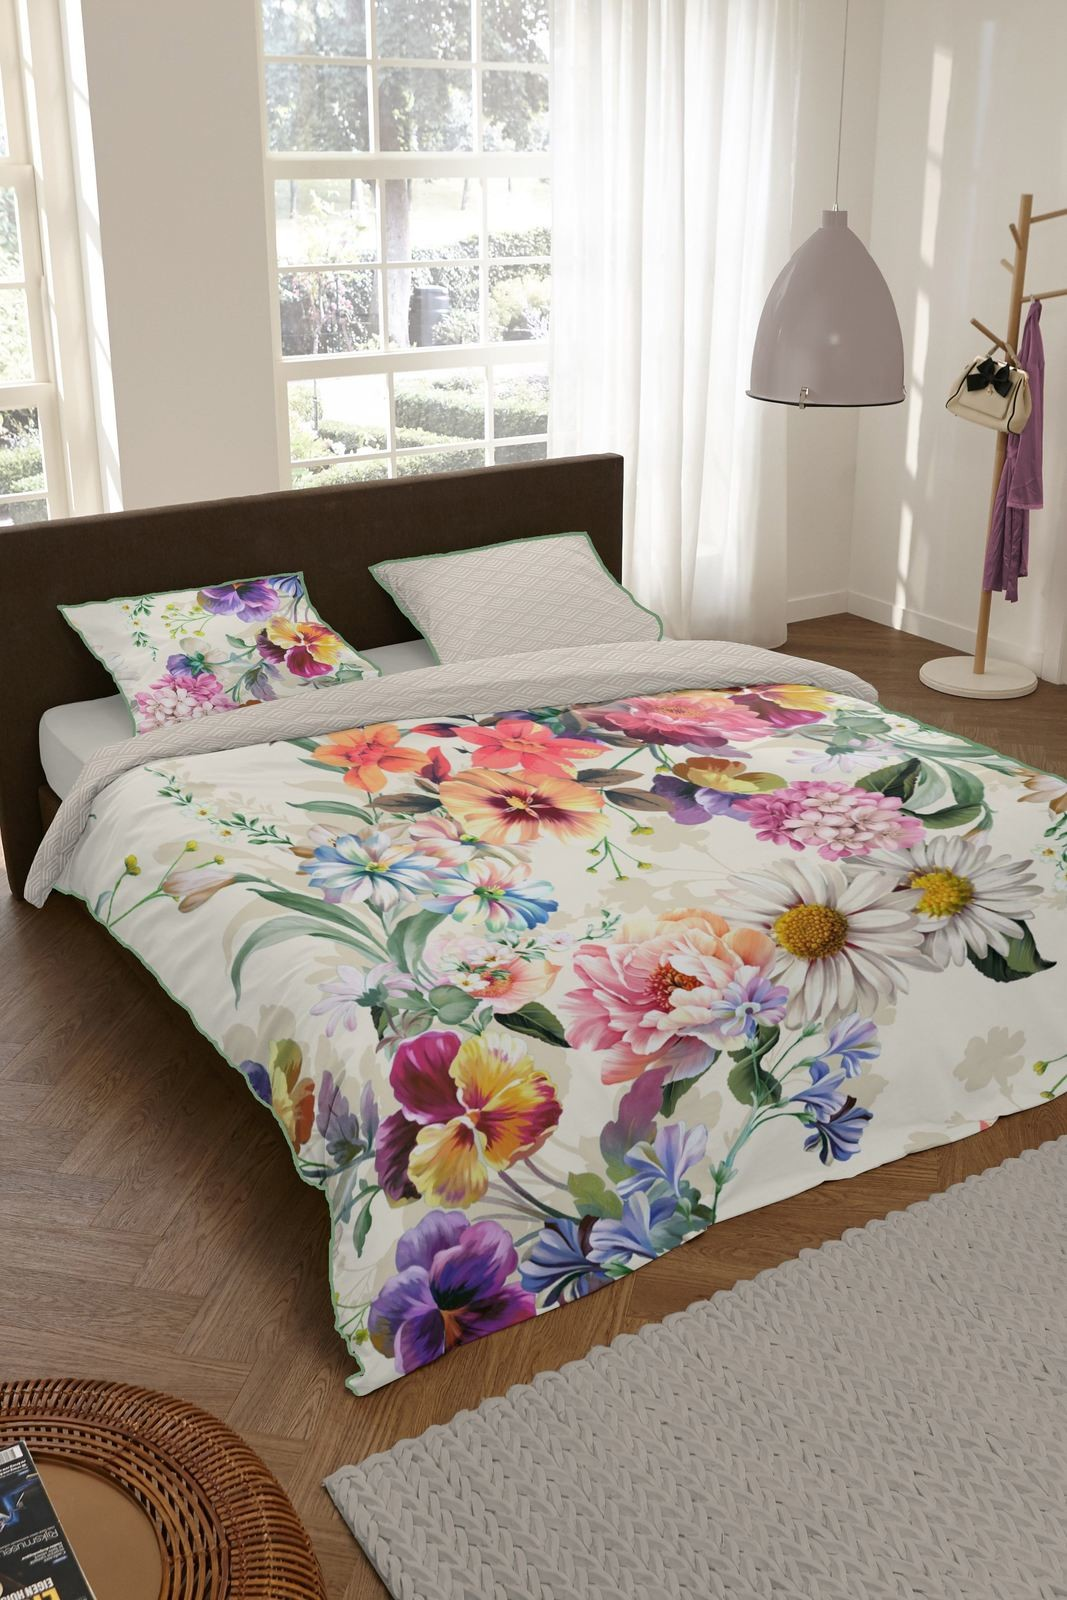 Home Home oliwkowy dwustronna pościel na łóżko jednoosobowe Novara Petrol 140x200cm 9337-K